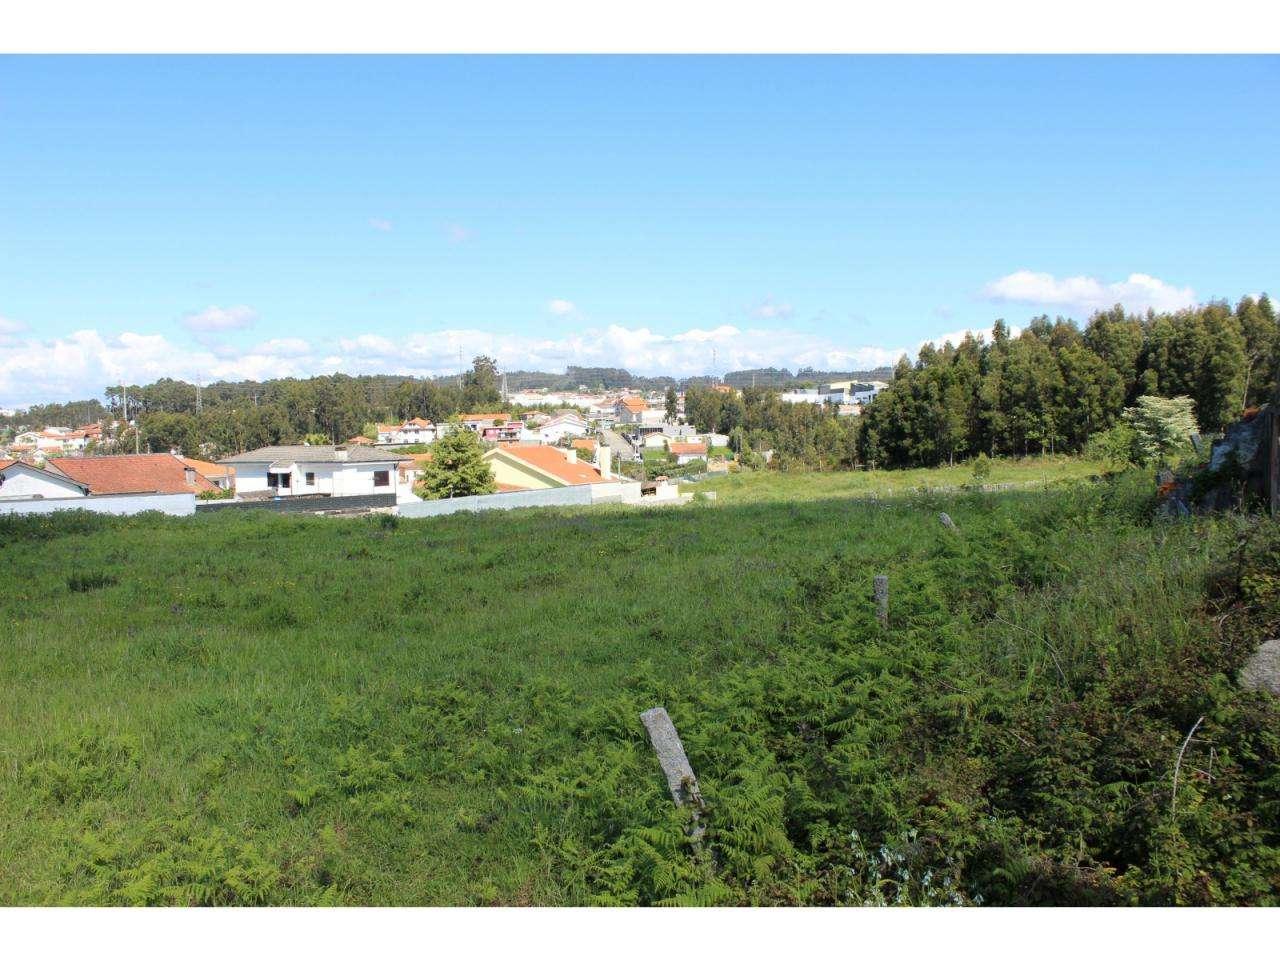 Terreno para comprar, Gulpilhares e Valadares, Vila Nova de Gaia, Porto - Foto 6